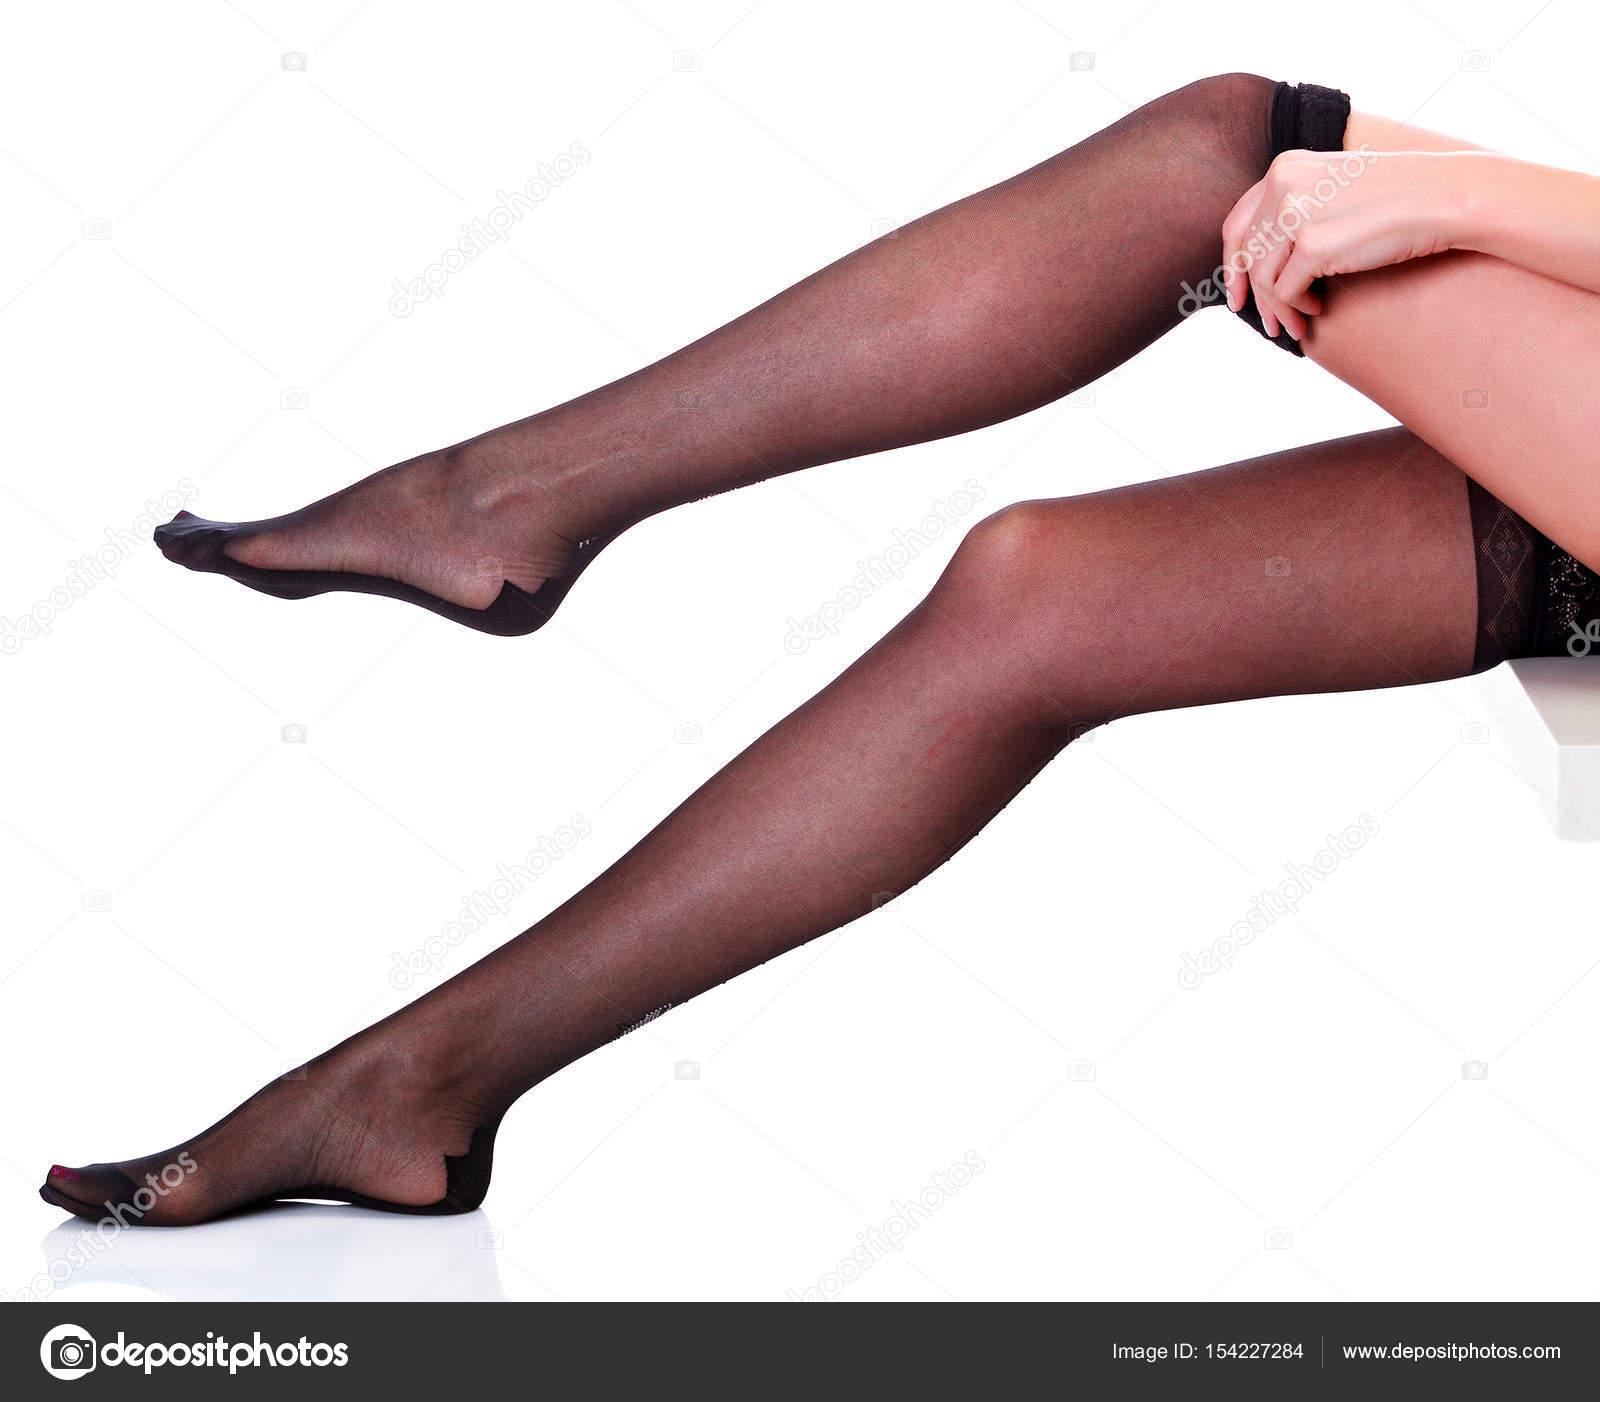 Ноги в красивых чулках картинки, пышные влажные задницы порно смотреть